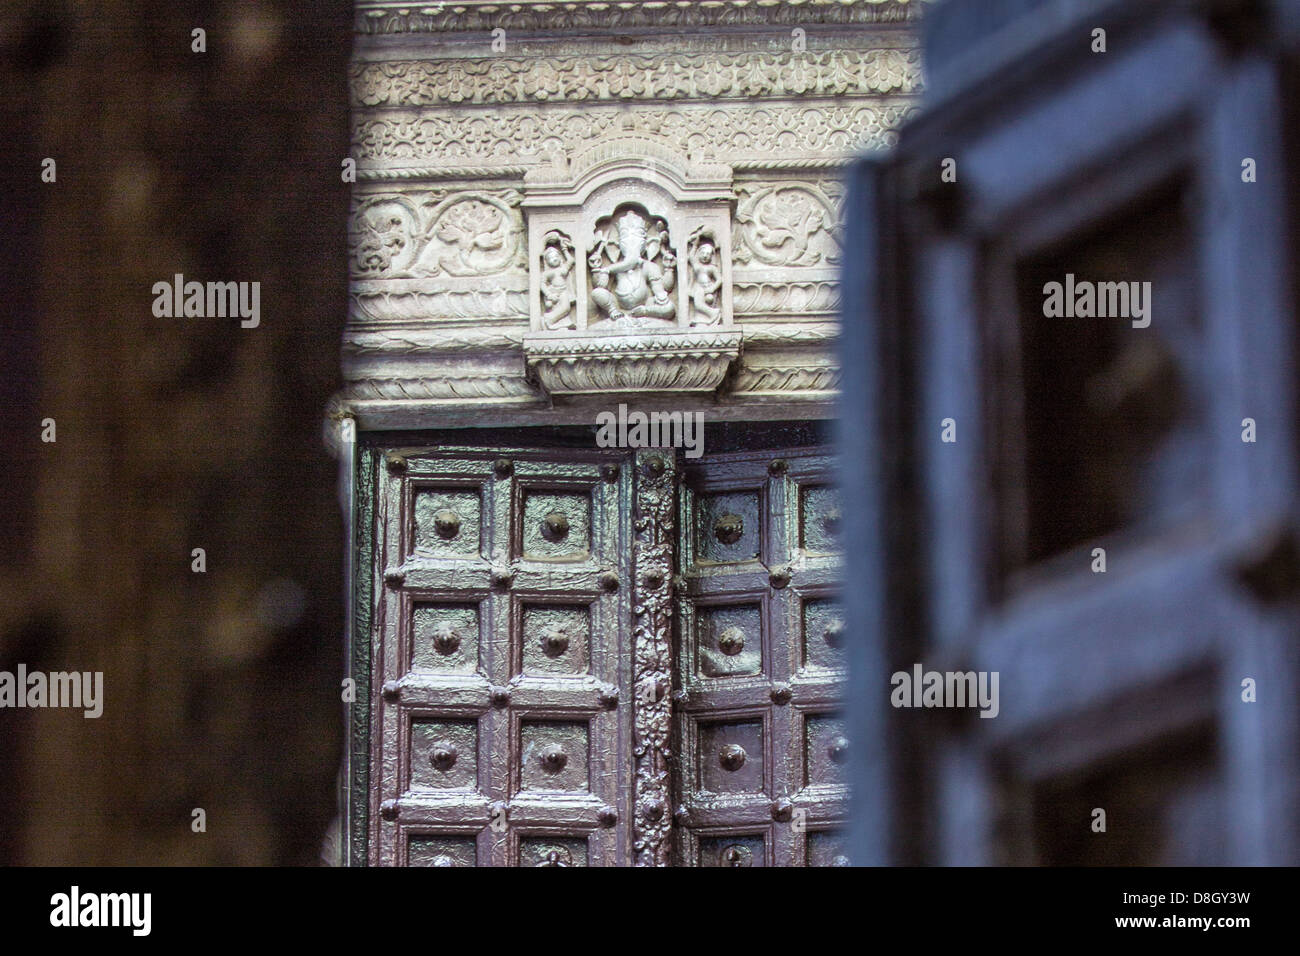 Entrada a un templo hindú en Varanasi, India Imagen De Stock